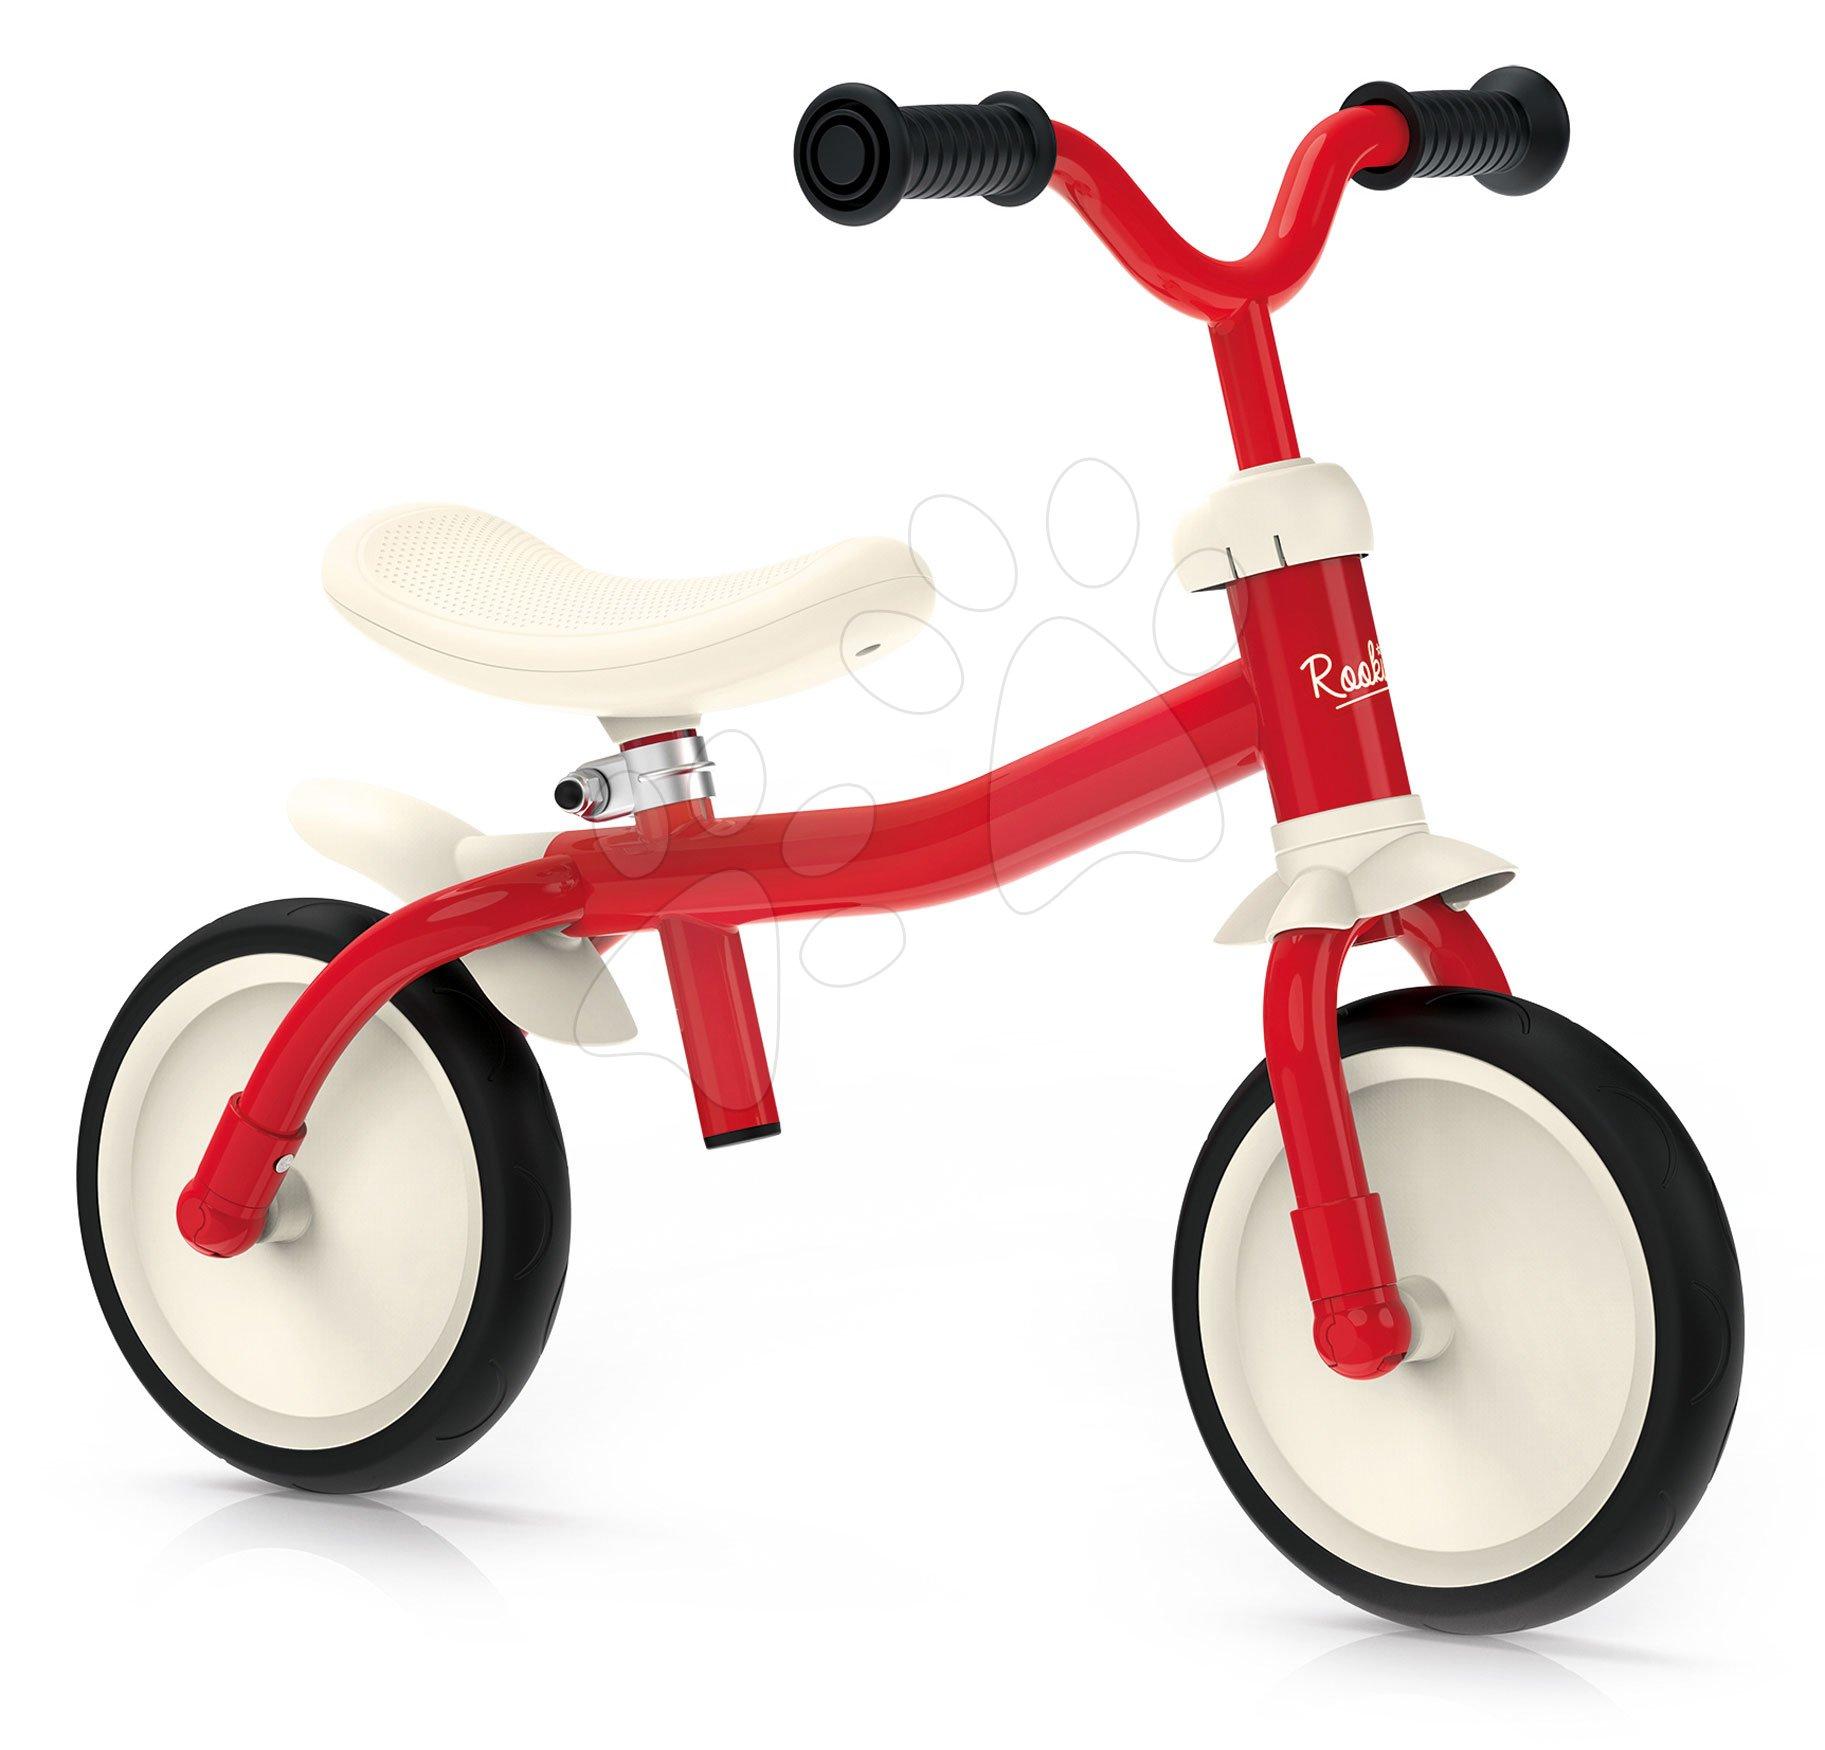 Balančné odrážadlo ultraľahké Rookie Bike Smoby s výškovo nastaviteľným sedadlom a riadidlami a tiché gumené kolesá od 18 mes